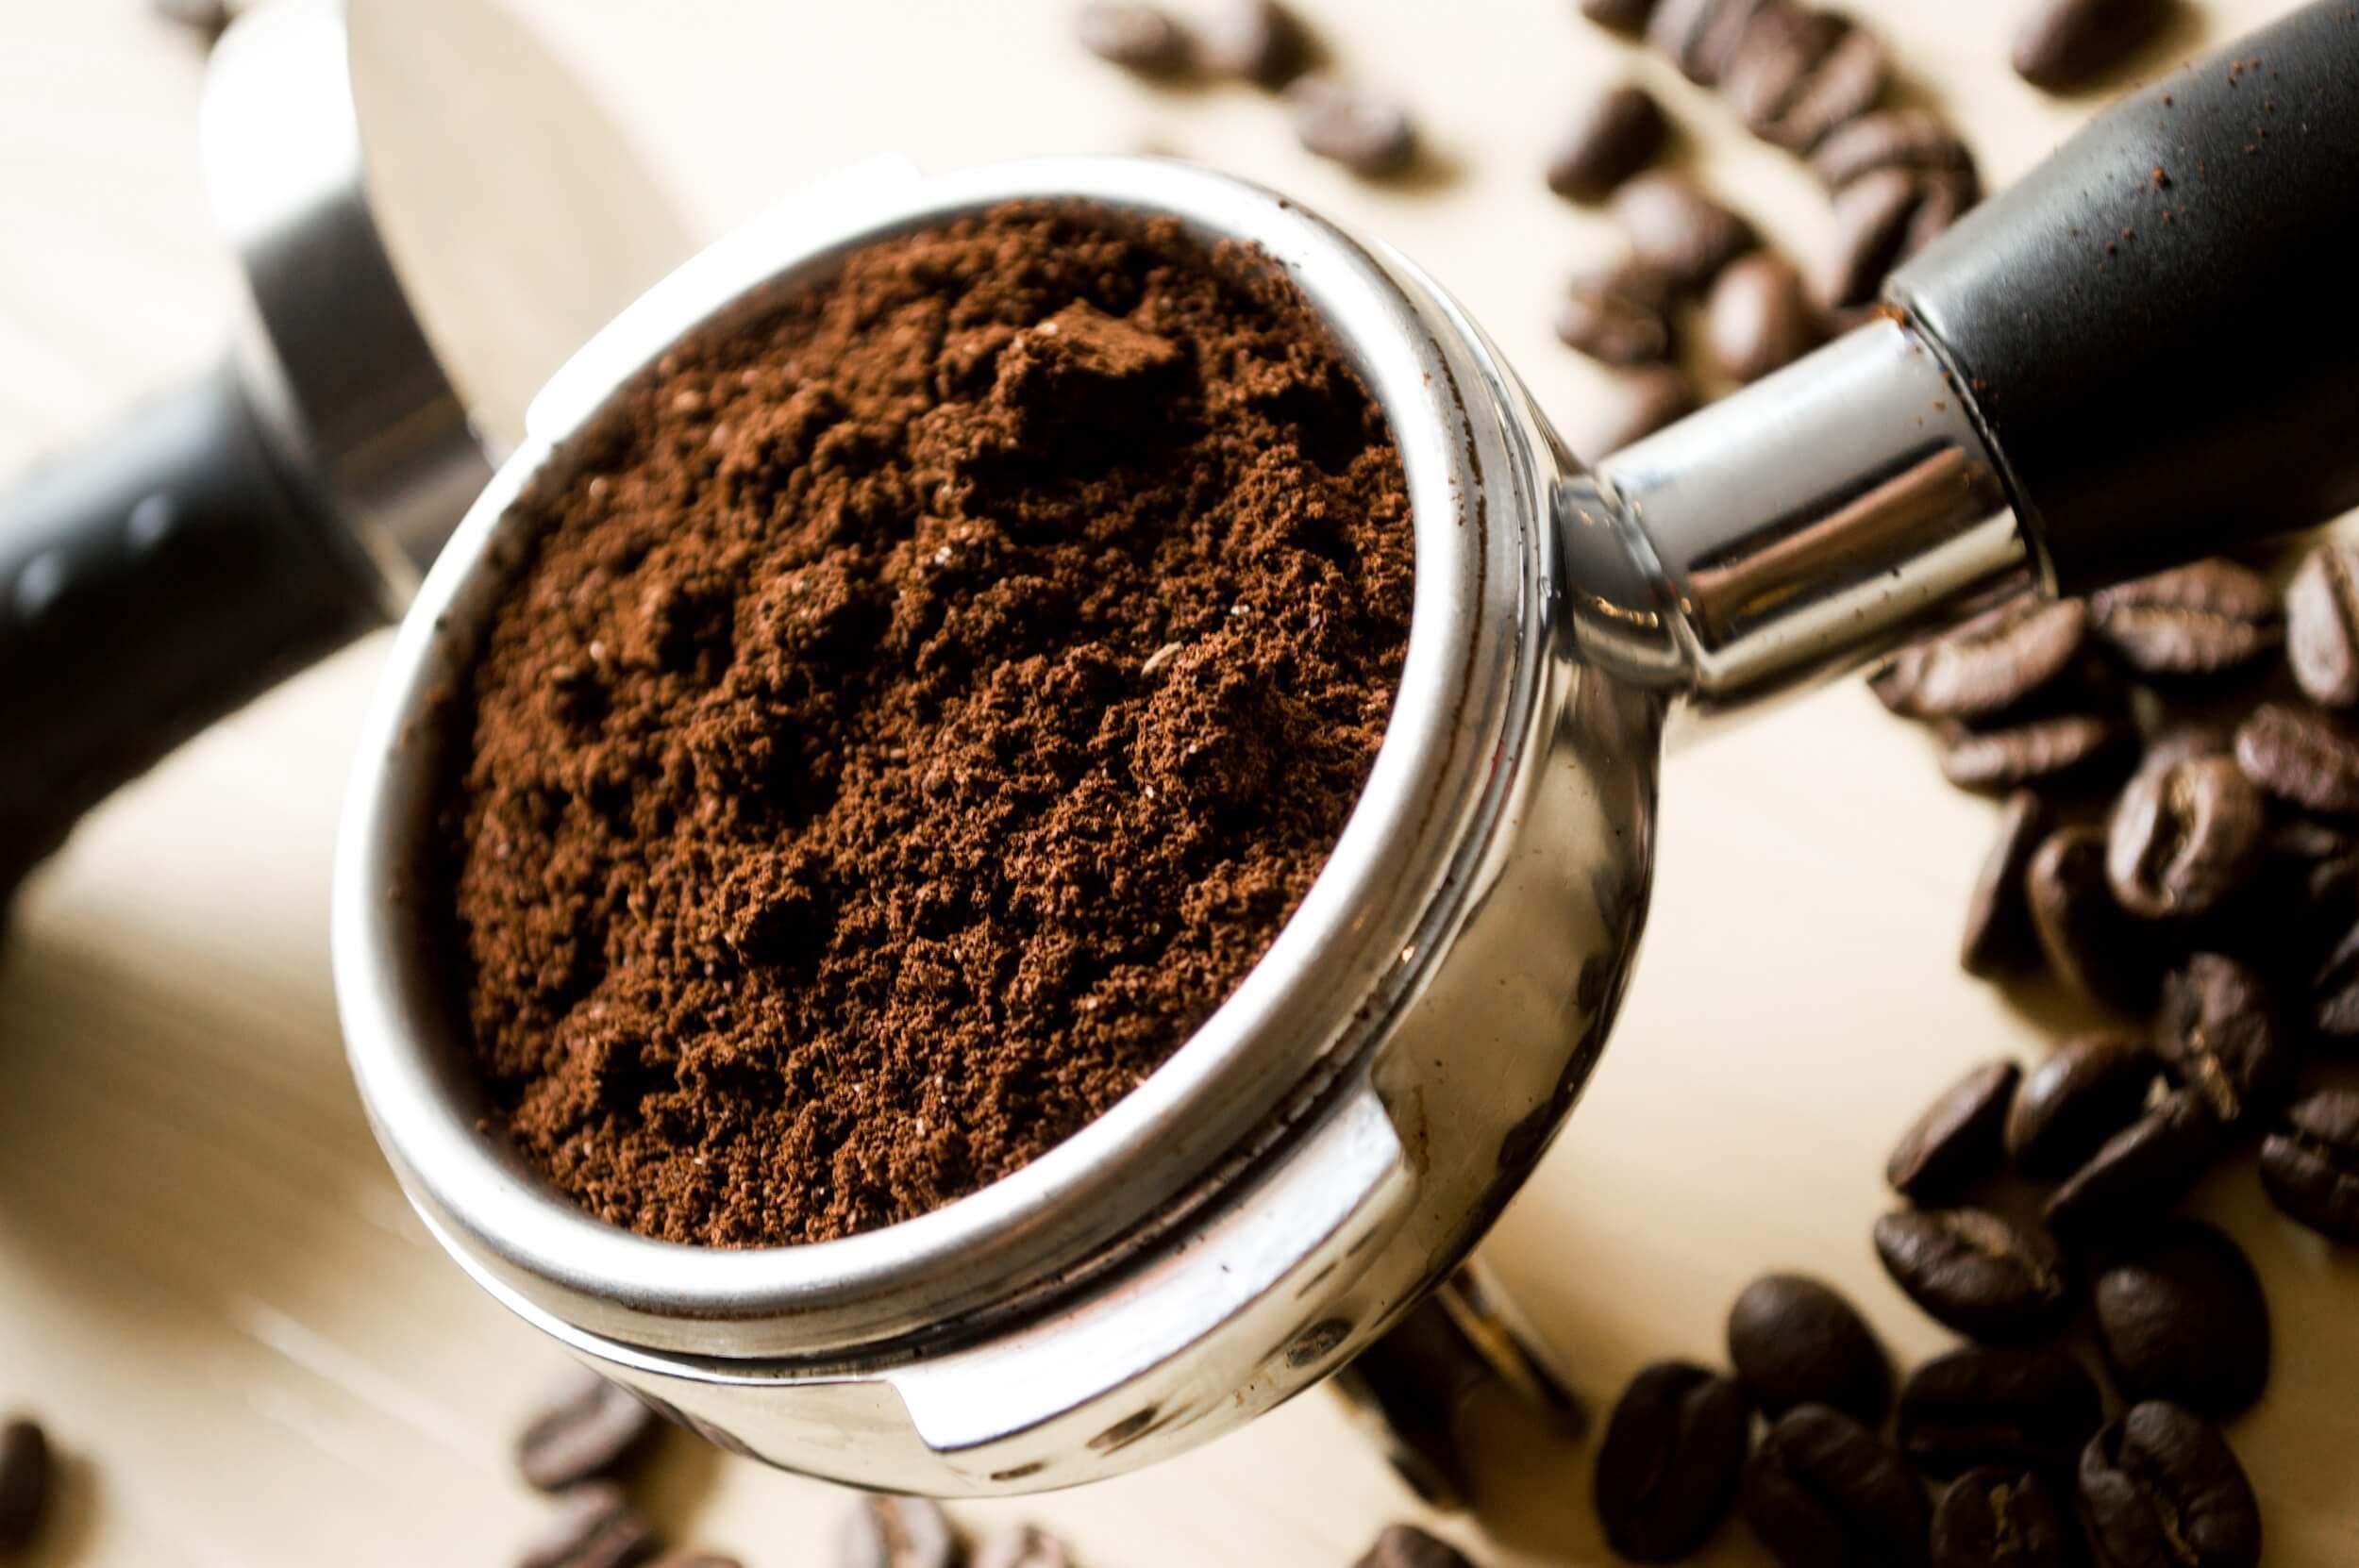 قهوة مطحونة طازجة.